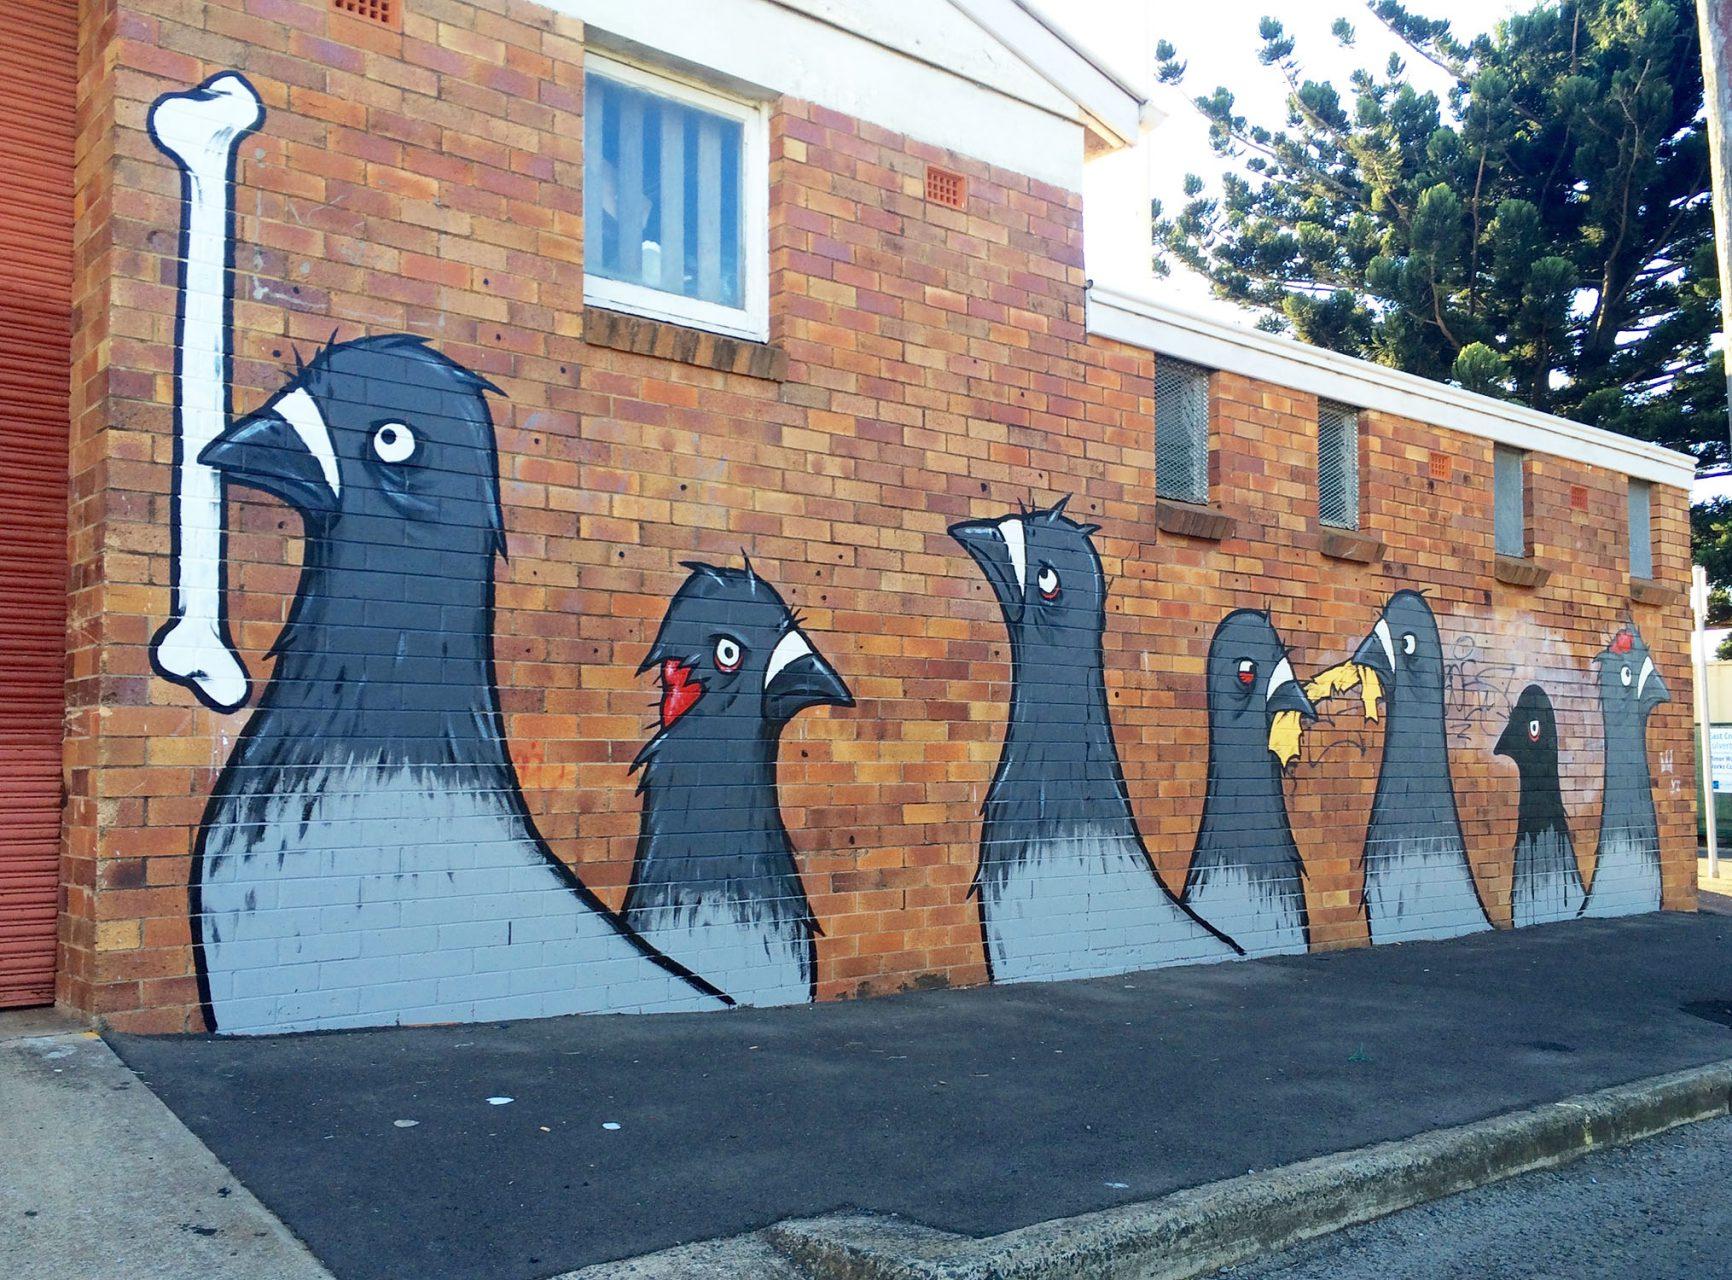 Mural in australia as part of first coat mural festival for Australian mural